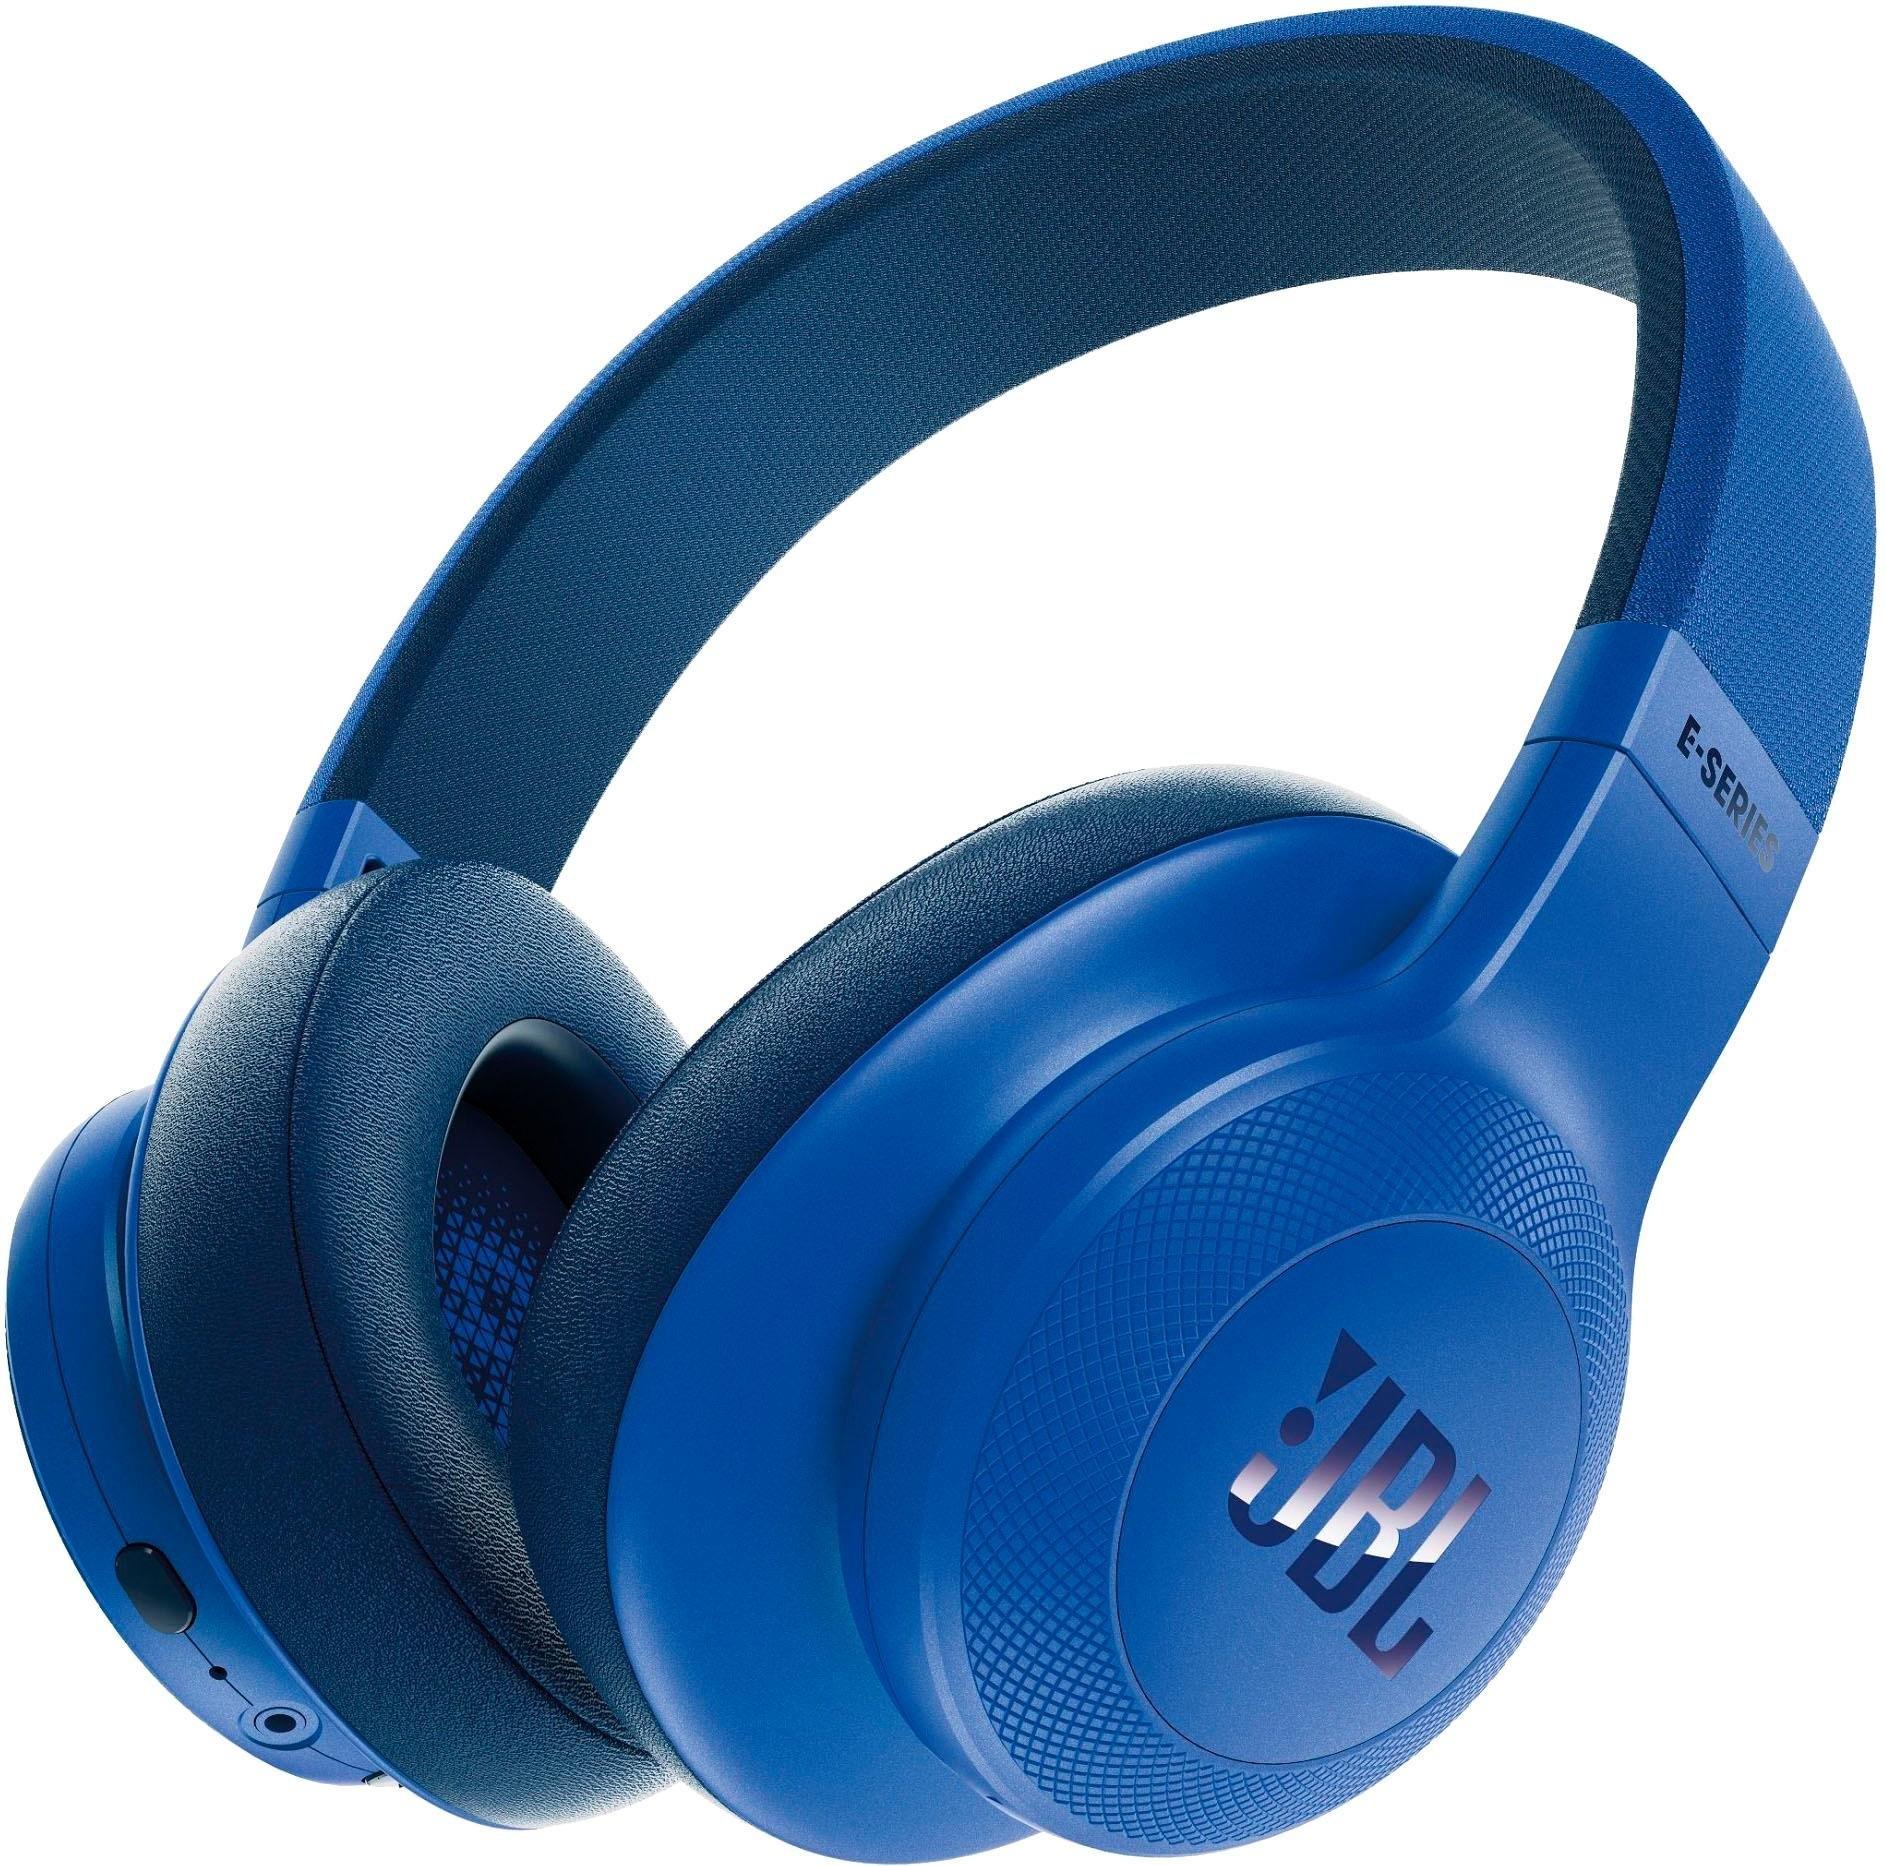 JBL »E55BT« over-ear-hoofdtelefoon (bluetooth, bedraad, handsfree, ingebouwde microfoon) bij OTTO online kopen